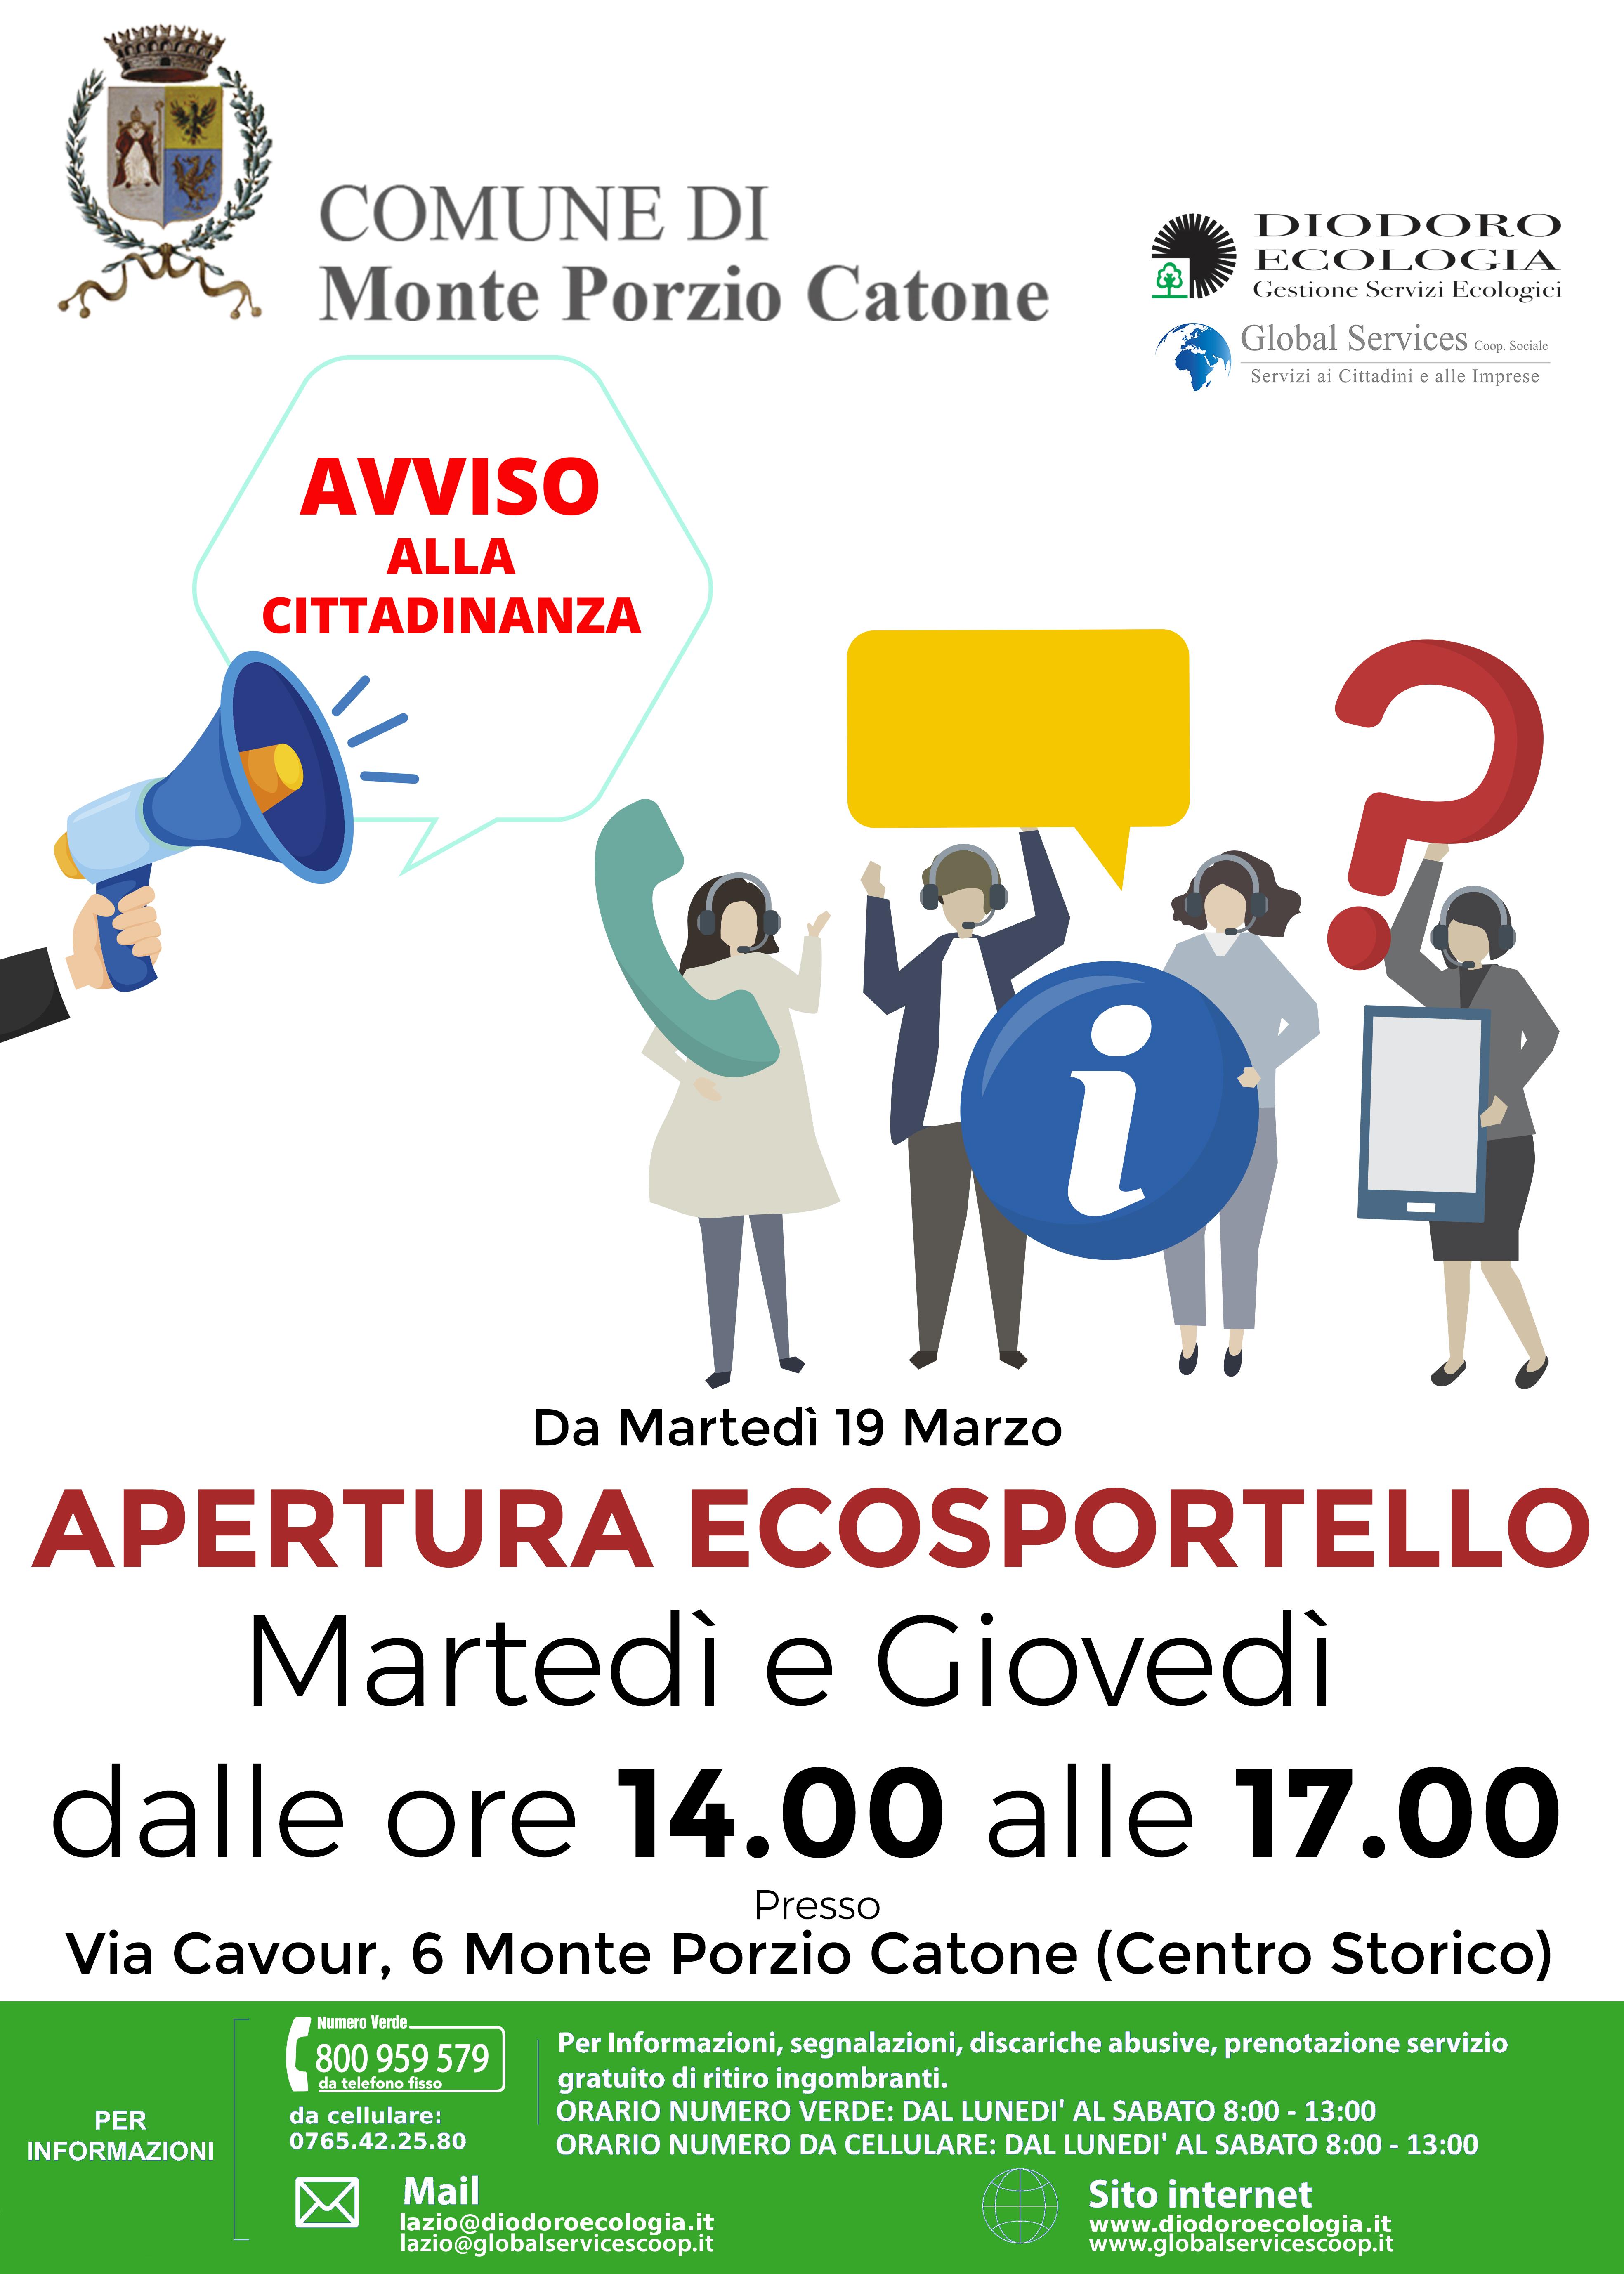 Monte Porzio Catone: Apertura Ecosportello